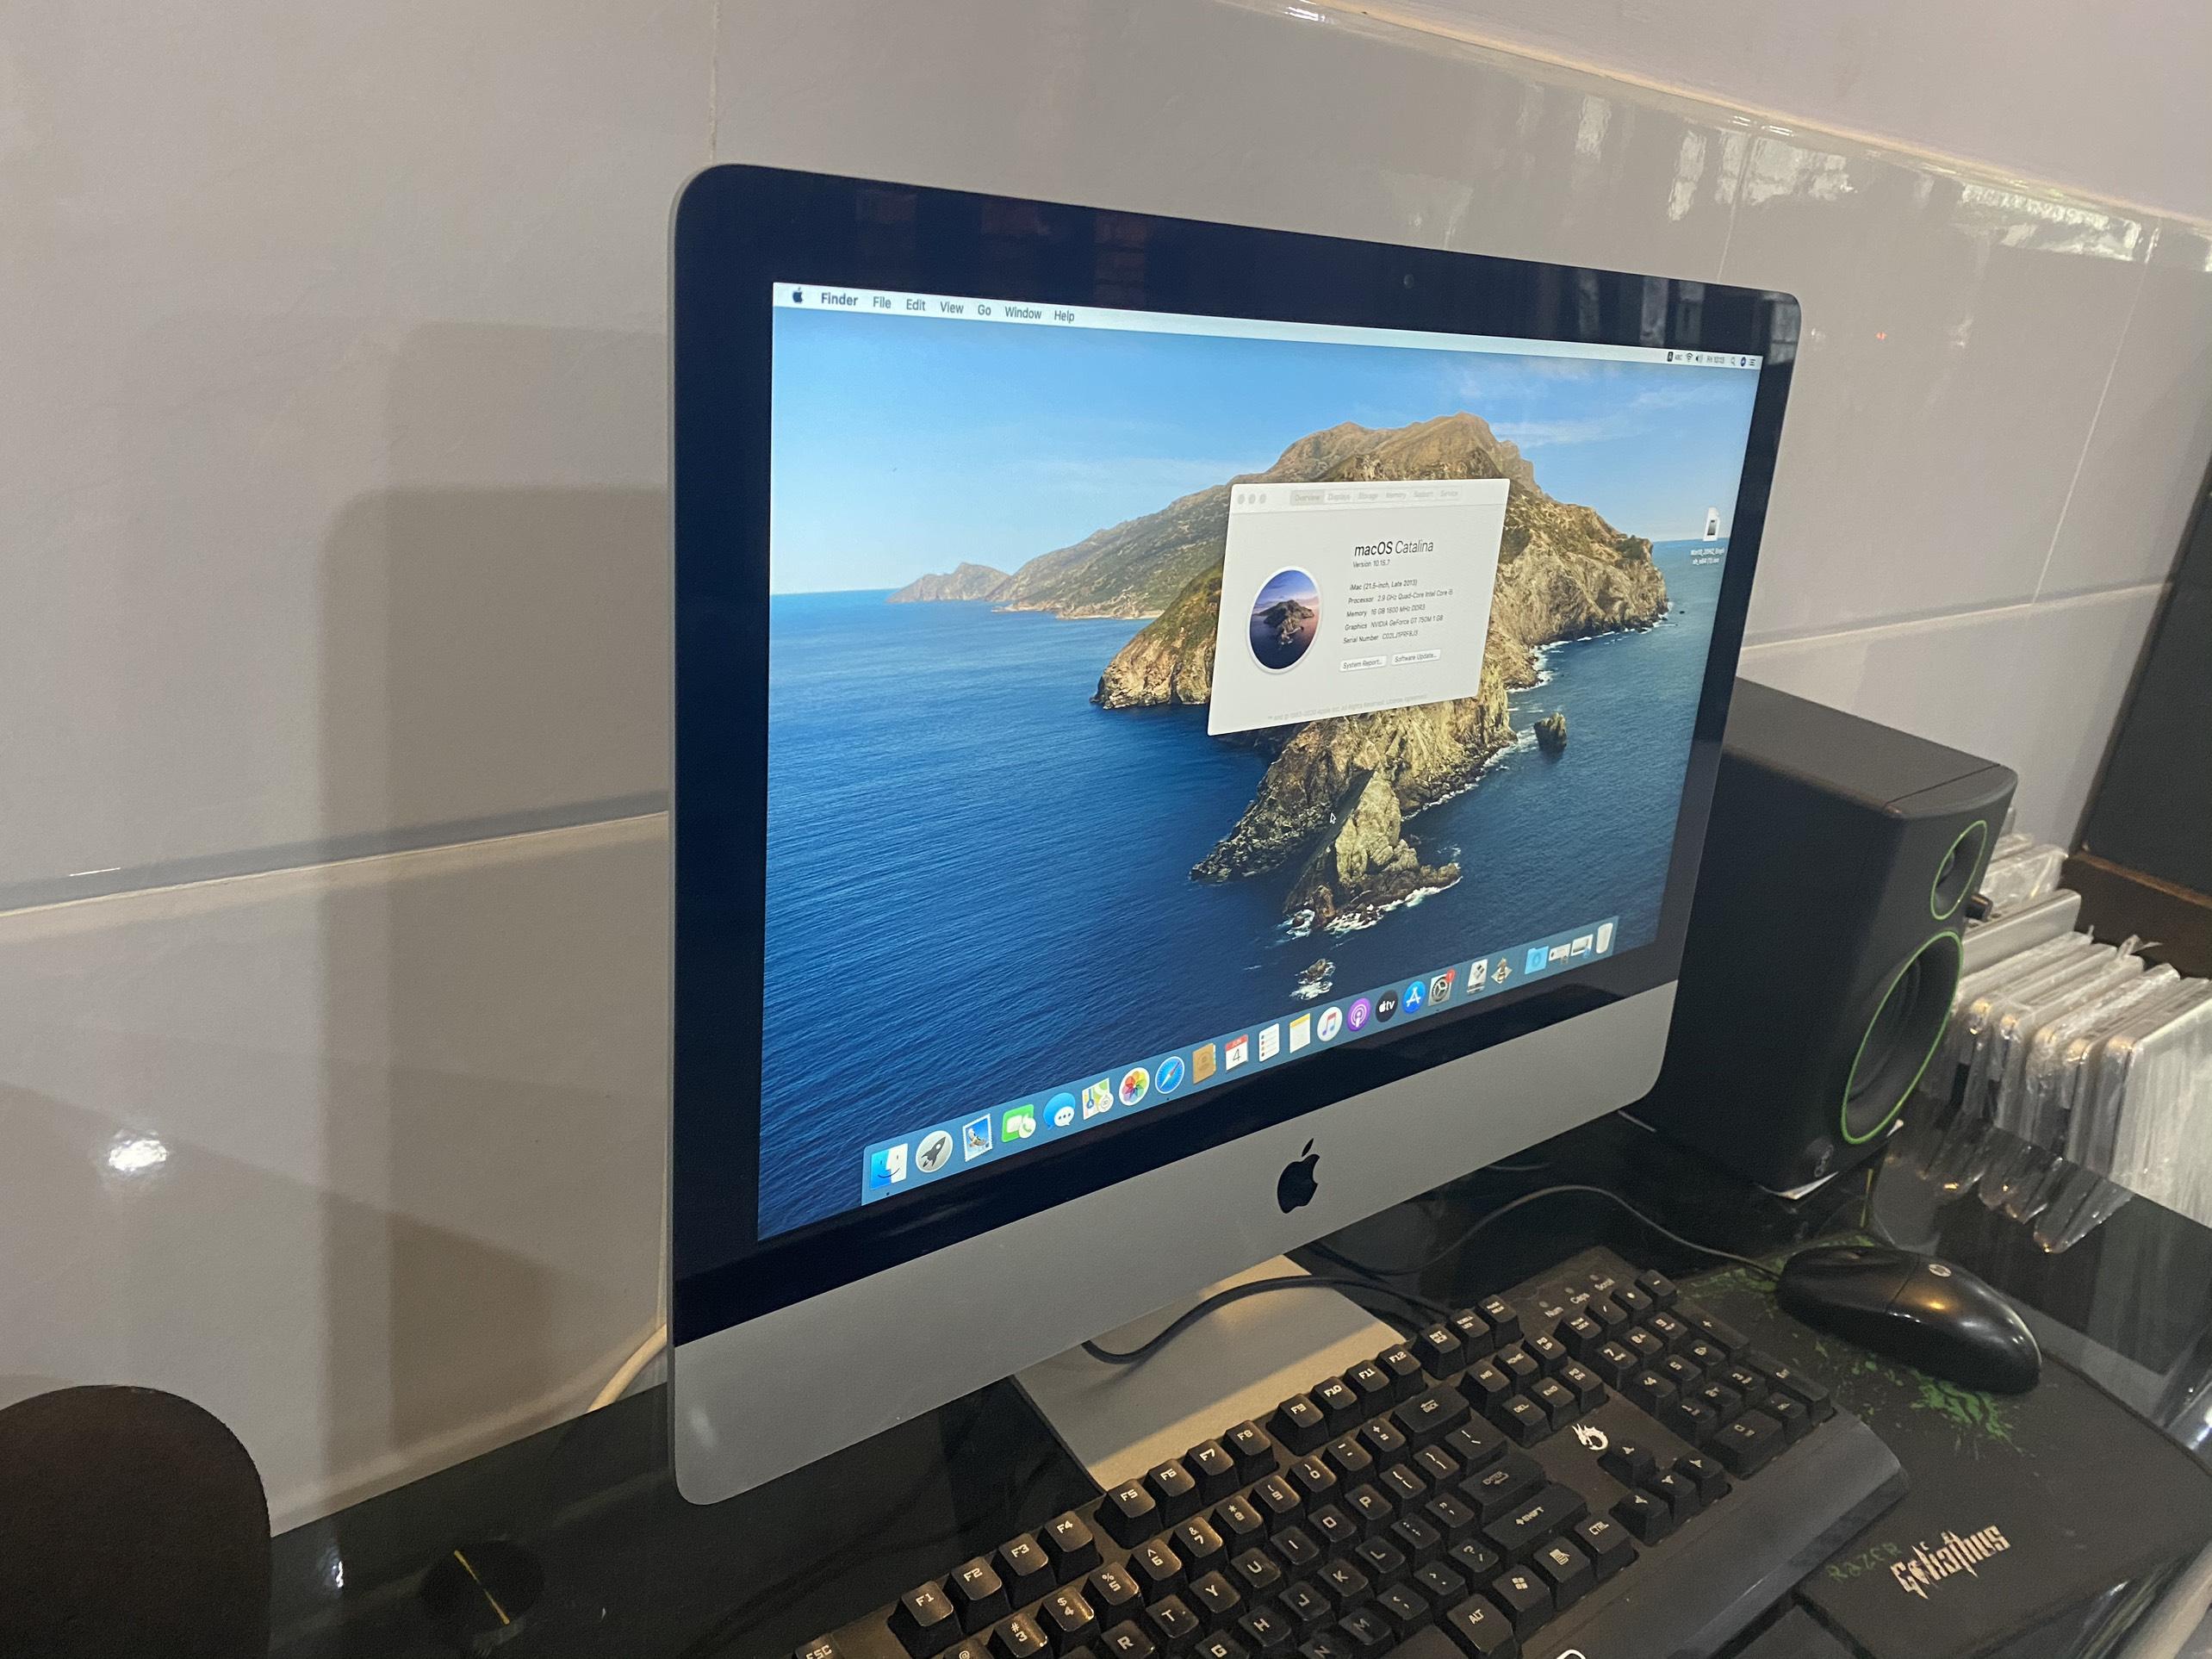 iMac ME087 2013 i5 2.9Ghz/ RAM 16GB/ SSD120GB/ 21.5 INCH FHD